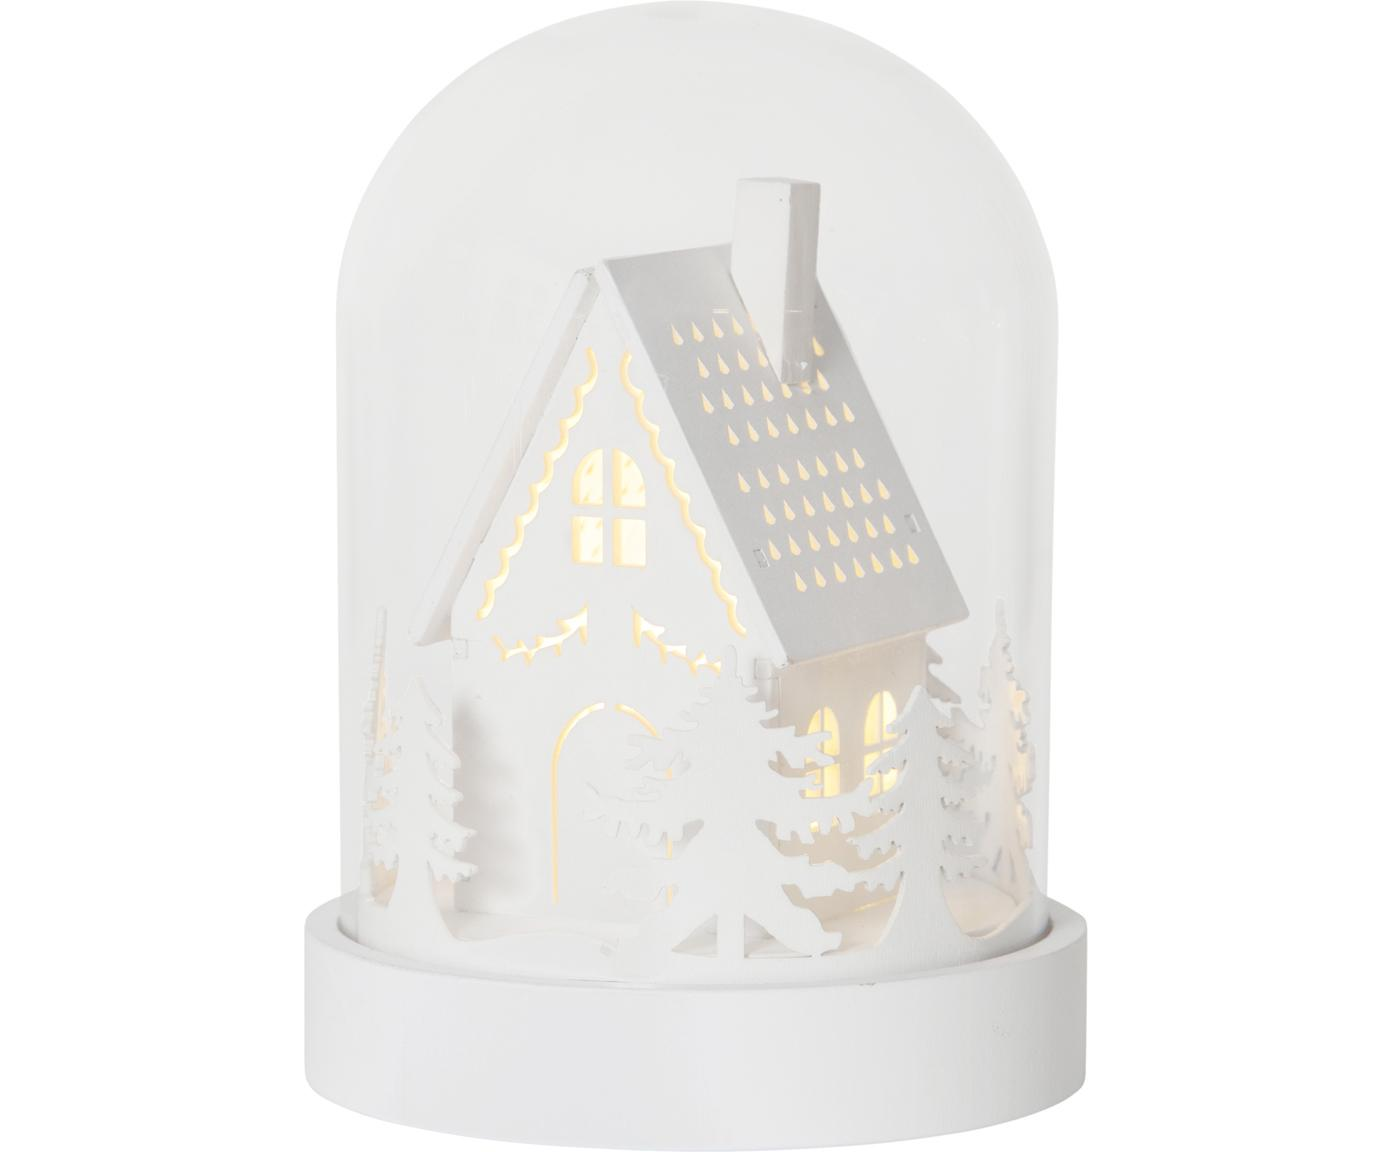 LED Leuchtobjekt House, batteriebetrieben, Mitteldichte Holzfaserplatte (MDF), Kunststoff, Glas, Weiß, Transparent, Ø 13 x H 18 cm